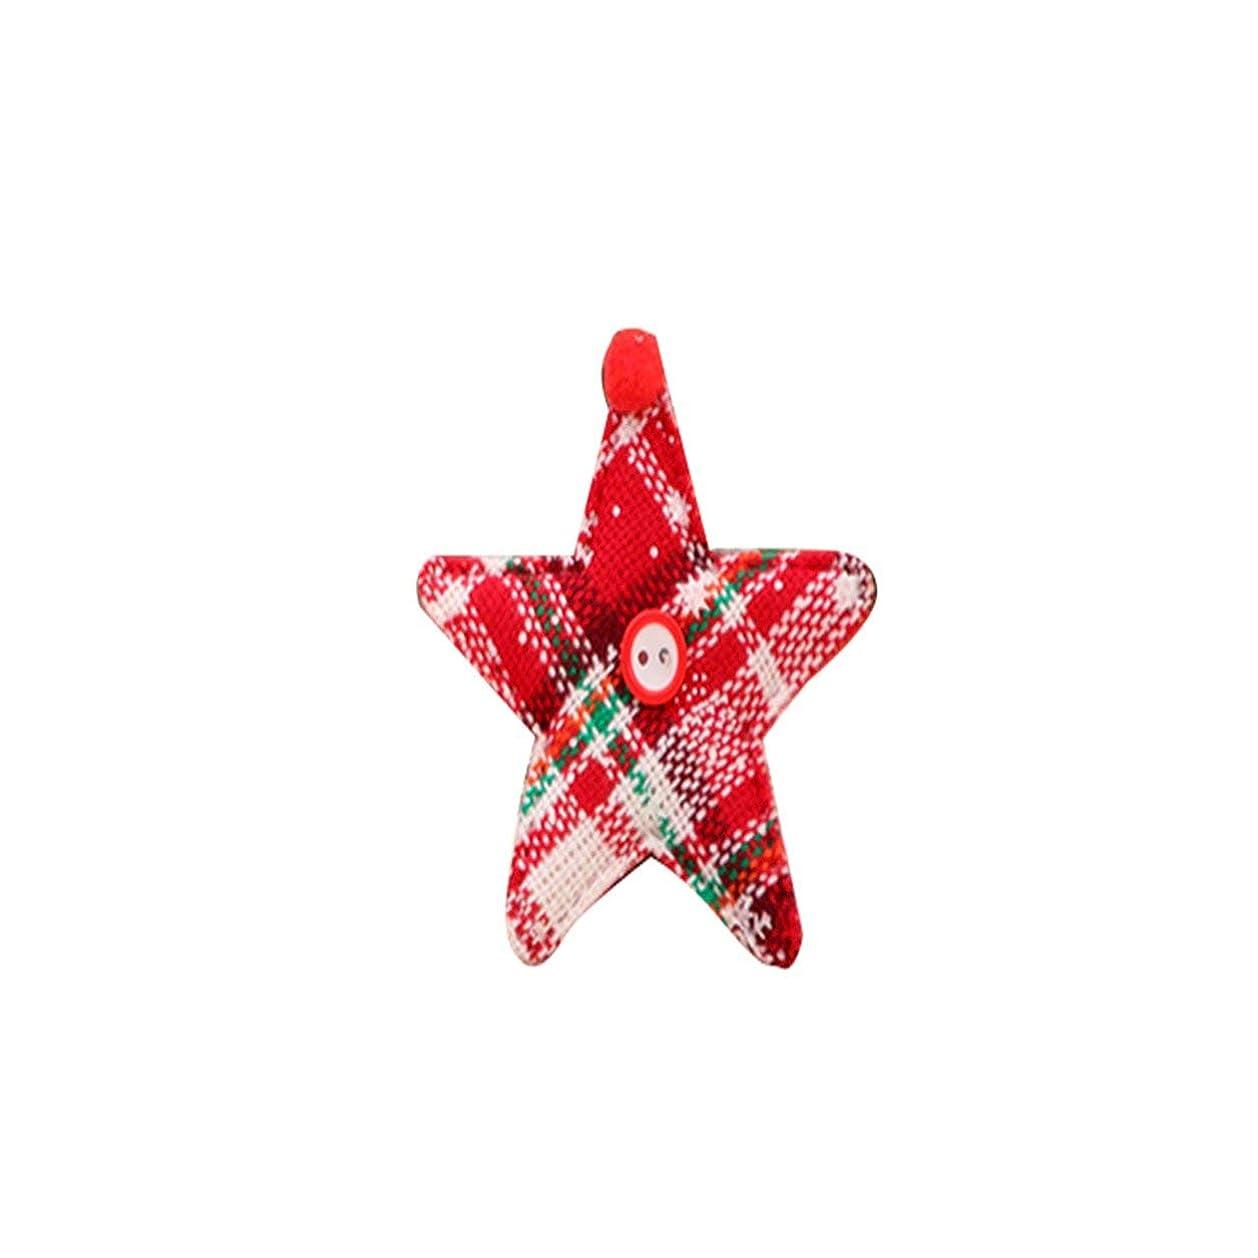 神話症状ブラケットSaikogoods クリスマス 飾り カラフルなクリスマス老人サンタクロースオーナメントクリスマスツリーの飾りメリークリスマス レッドスター 300*300